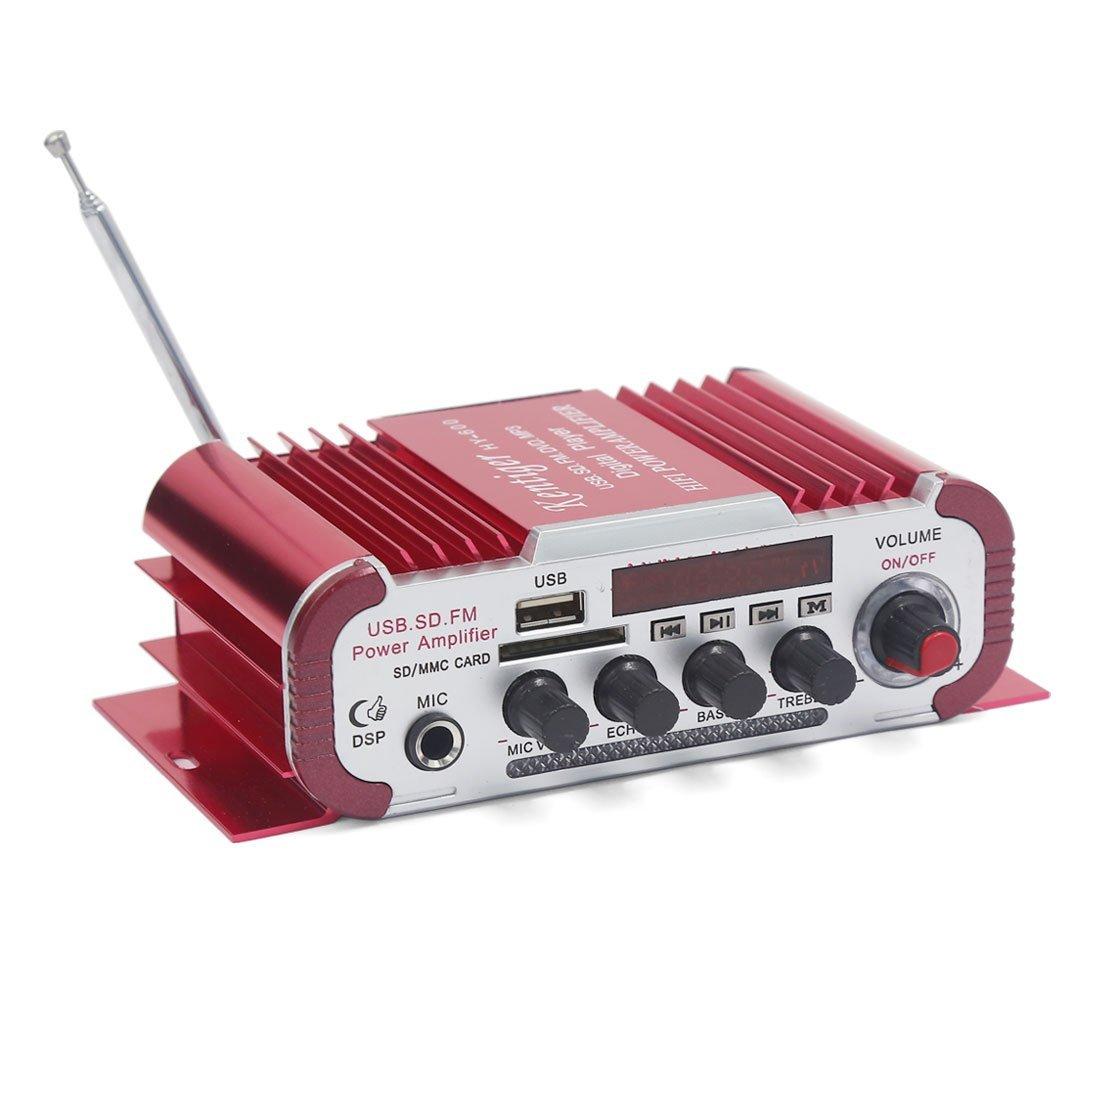 Amazon.com: eDealMax Mini Hi-Fi 40W 2 Canales amplificador Audio estéreo Rojo de la motocicleta del coche: Car Electronics